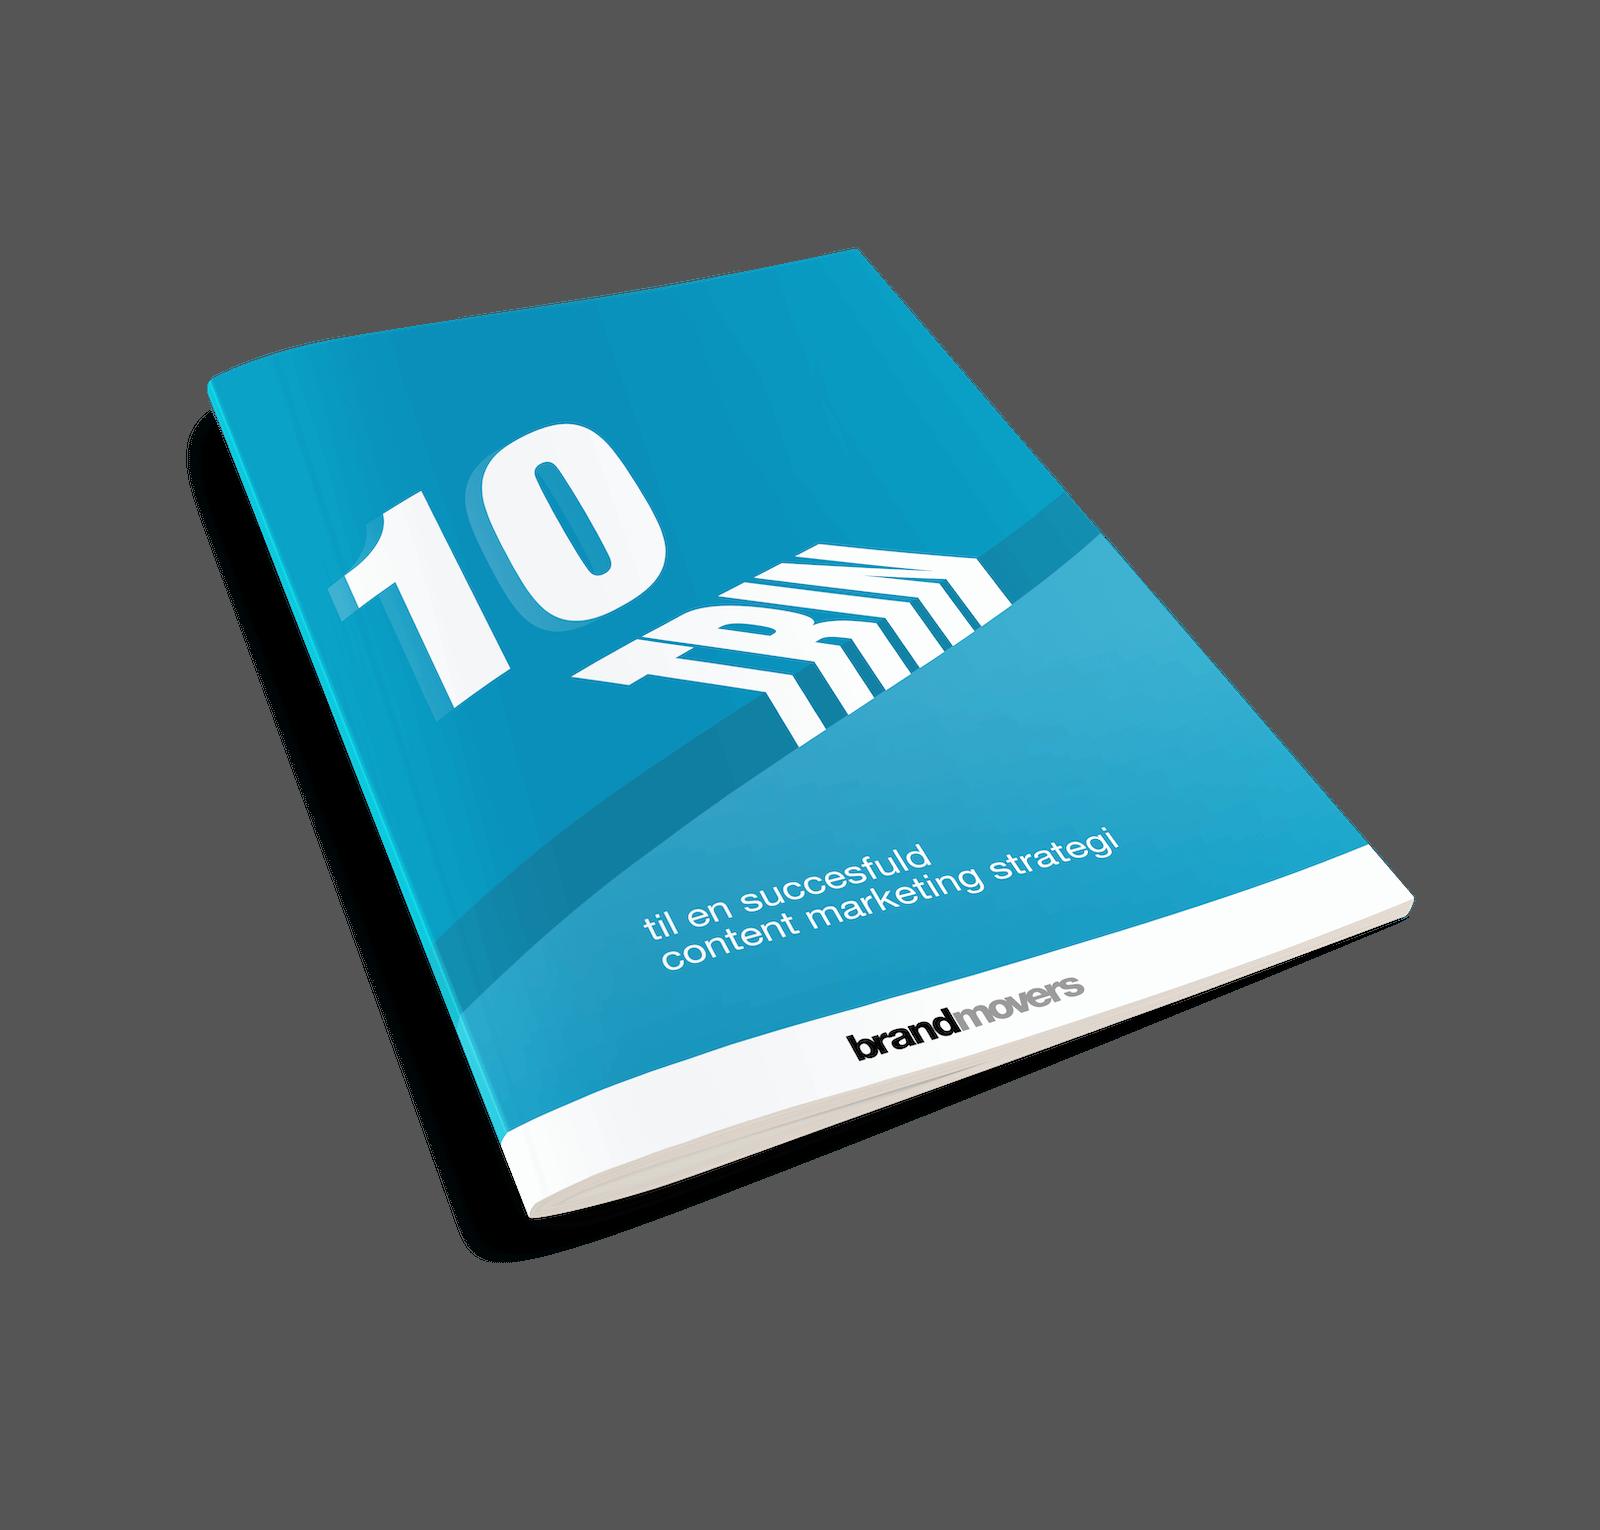 10trin